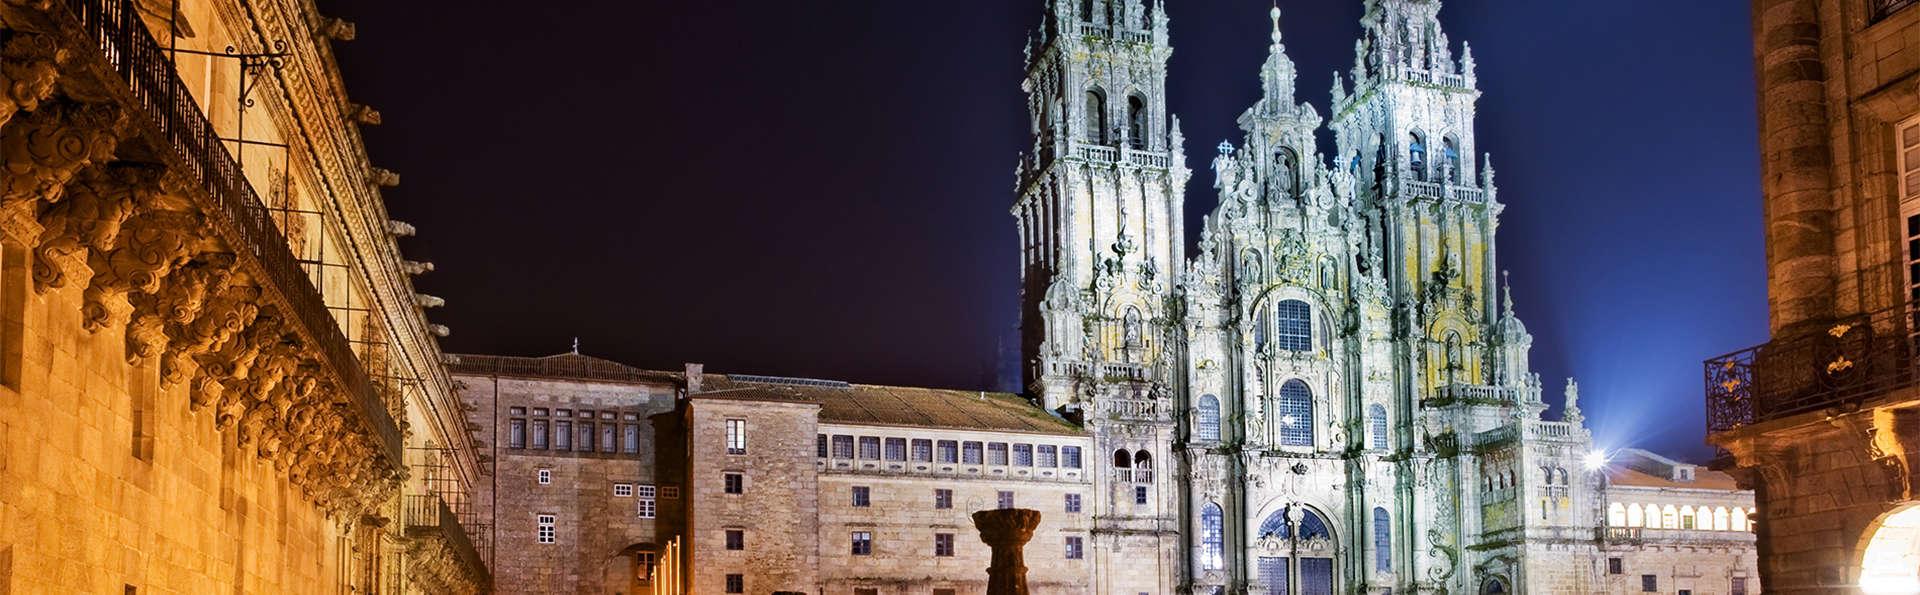 Hotel Exe Rea Central 3 Santiago De Compostela Espa A ~ Cena Romantica En Santiago De Compostela